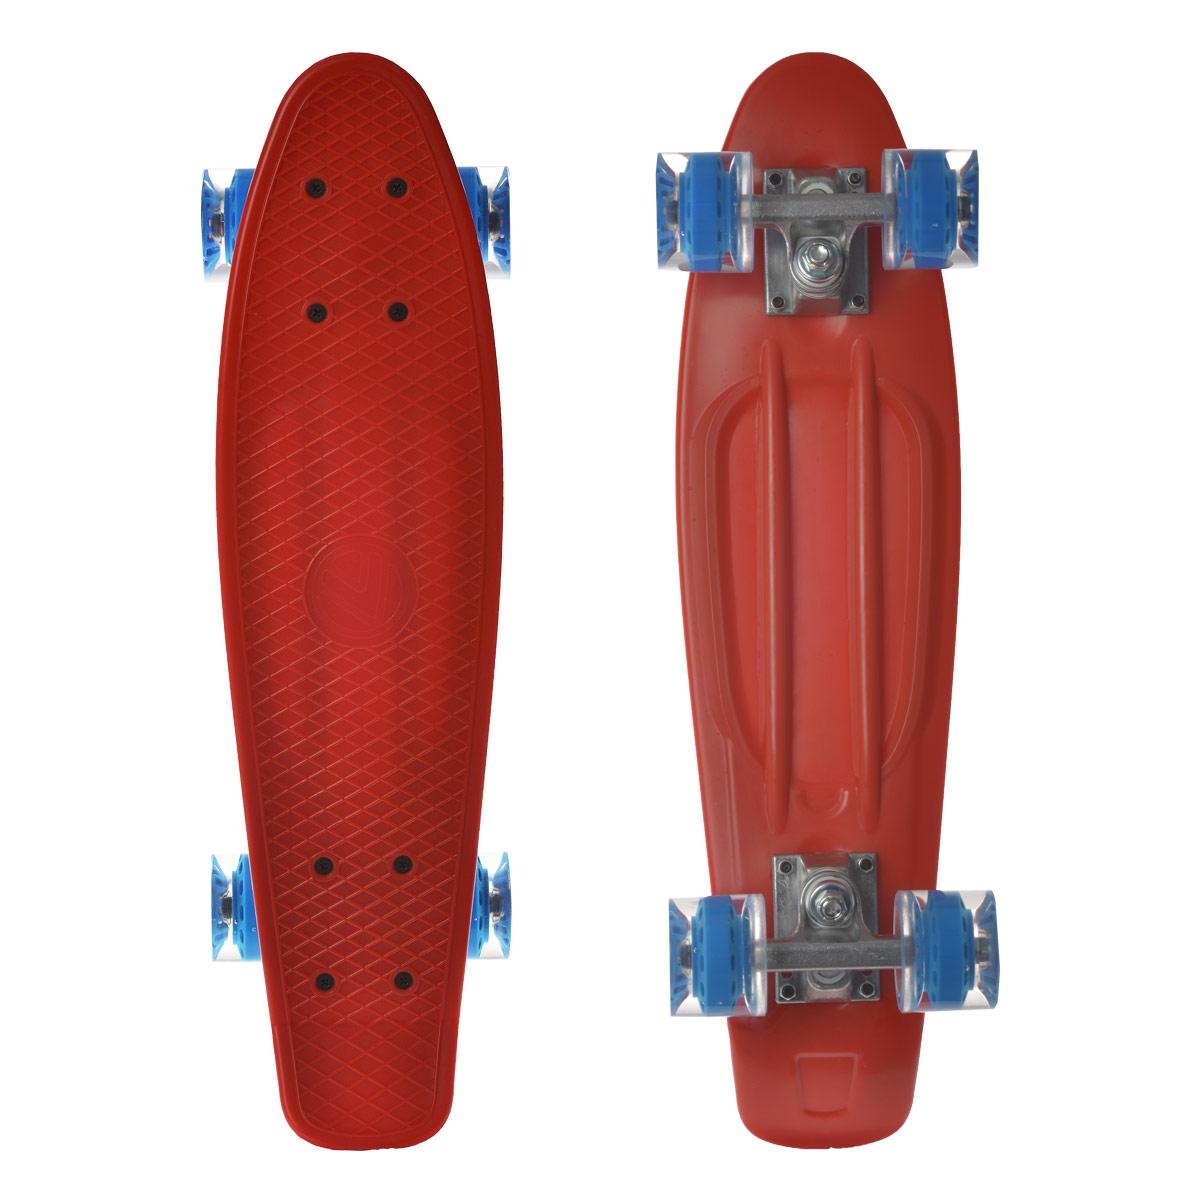 Скейтборд пластиковый Larsen, цвет: красный, дека 55 см х 15 см. BKA0020E333751Пенни борд Larsen подходит для начинающих райдеров и предназначен для уличного катания. Пенни борд имеет специальный выпуклый рисунок в виде сетки, предотвращающий скольжение.Дека выполнена из высококачественного пластика. Подвеска - из прочного алюминия.Высота скейтборда от пола - 10 см. Максимальный вес пользователя - 100 кг. Полиуретановые колеса обеспечивают хорошее сцепление с поверхностью, быстрый разгон и торможение.В последнее время экстремальные виды спорта, такие как катание на скейтборде, становятся очень популярными. Скейтбординг - это зрелищный и экстремальный вид спорта, представляющий собой катание на роликовой доске с преодолением препятствий и выполнением различных трюков.